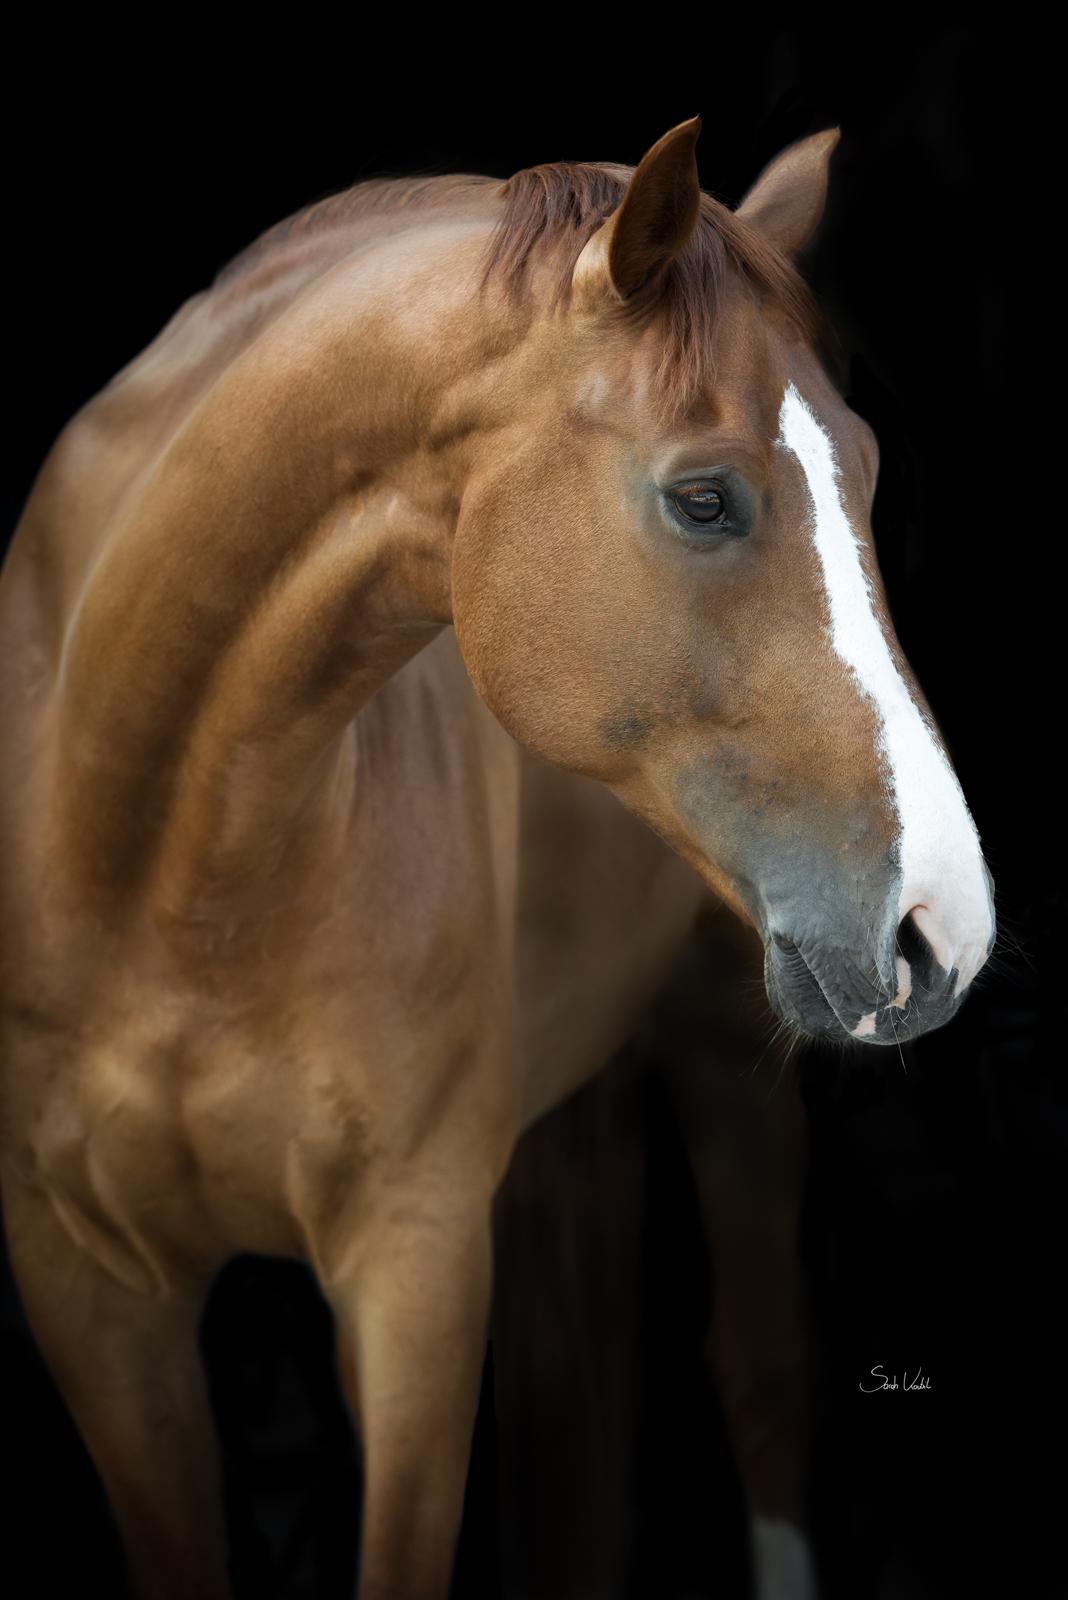 Sommerliches Pferdefotoshooting | Sarah Koutnik Fotografie | Pferdefotografie München Krailling Bayern | Fuchswallach Fippsy mit Blesse vor schwarzem Hintergrund | Portrait